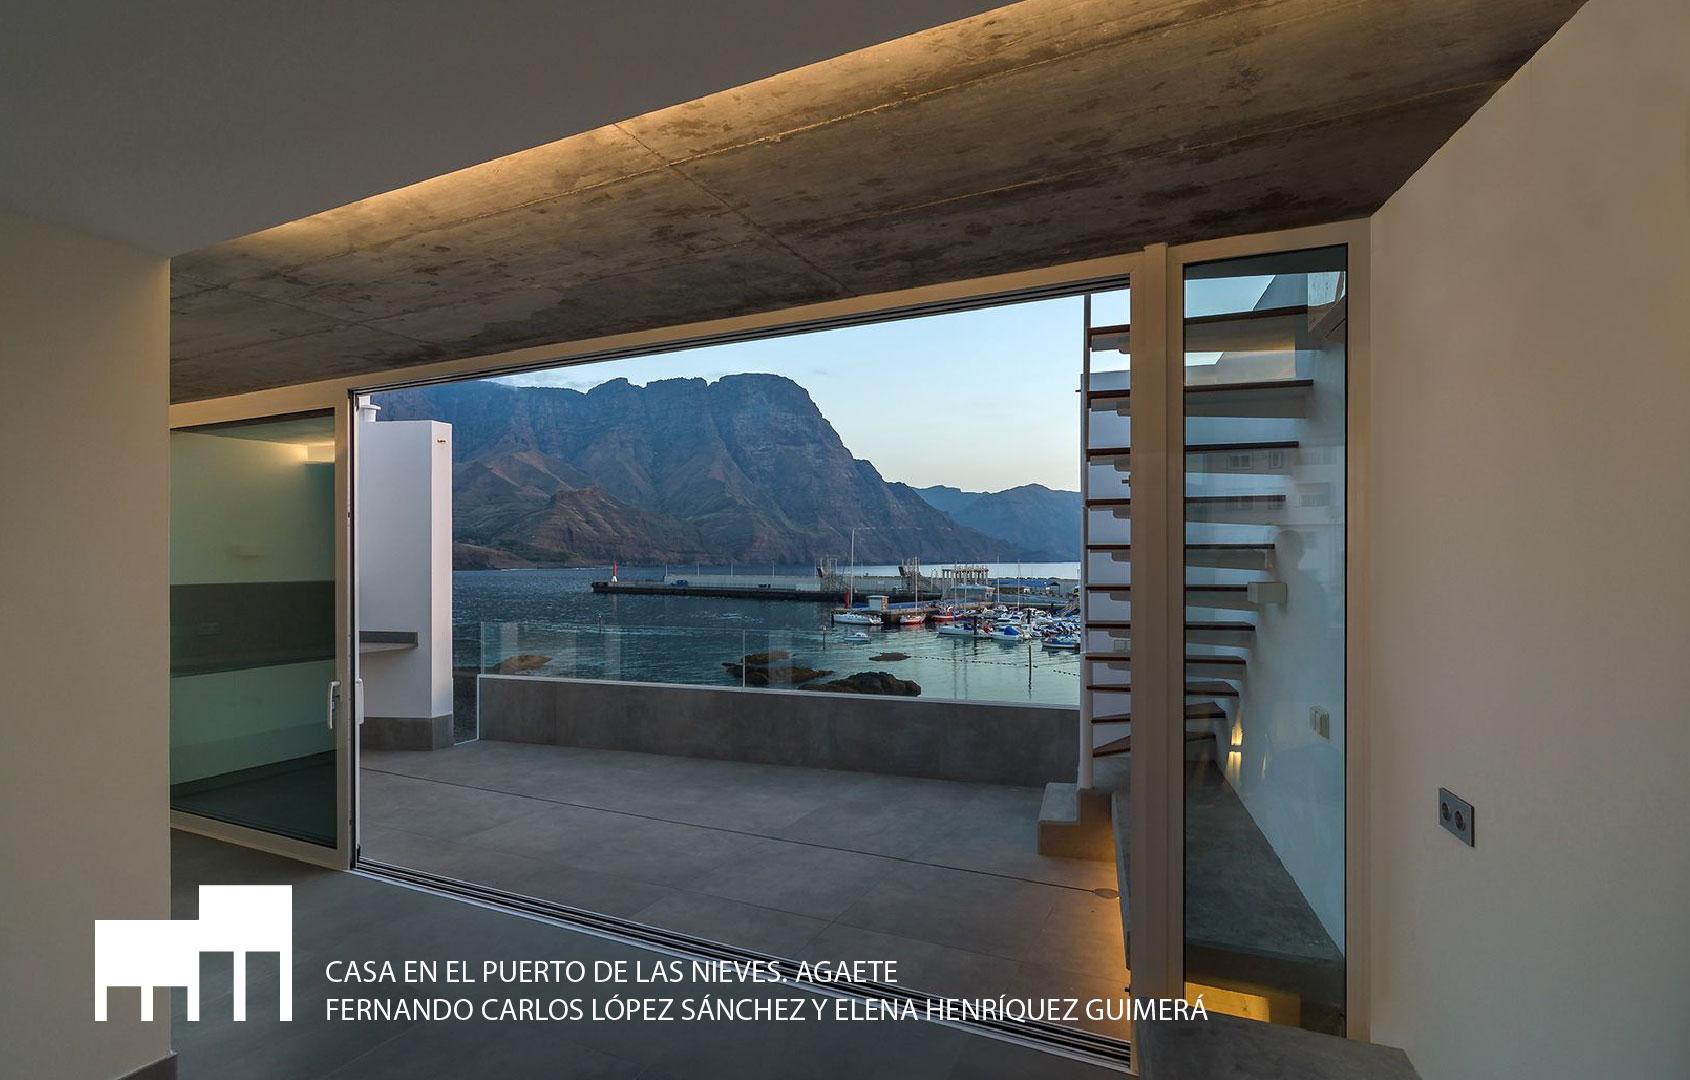 Casa en el Puerto de las Nieves